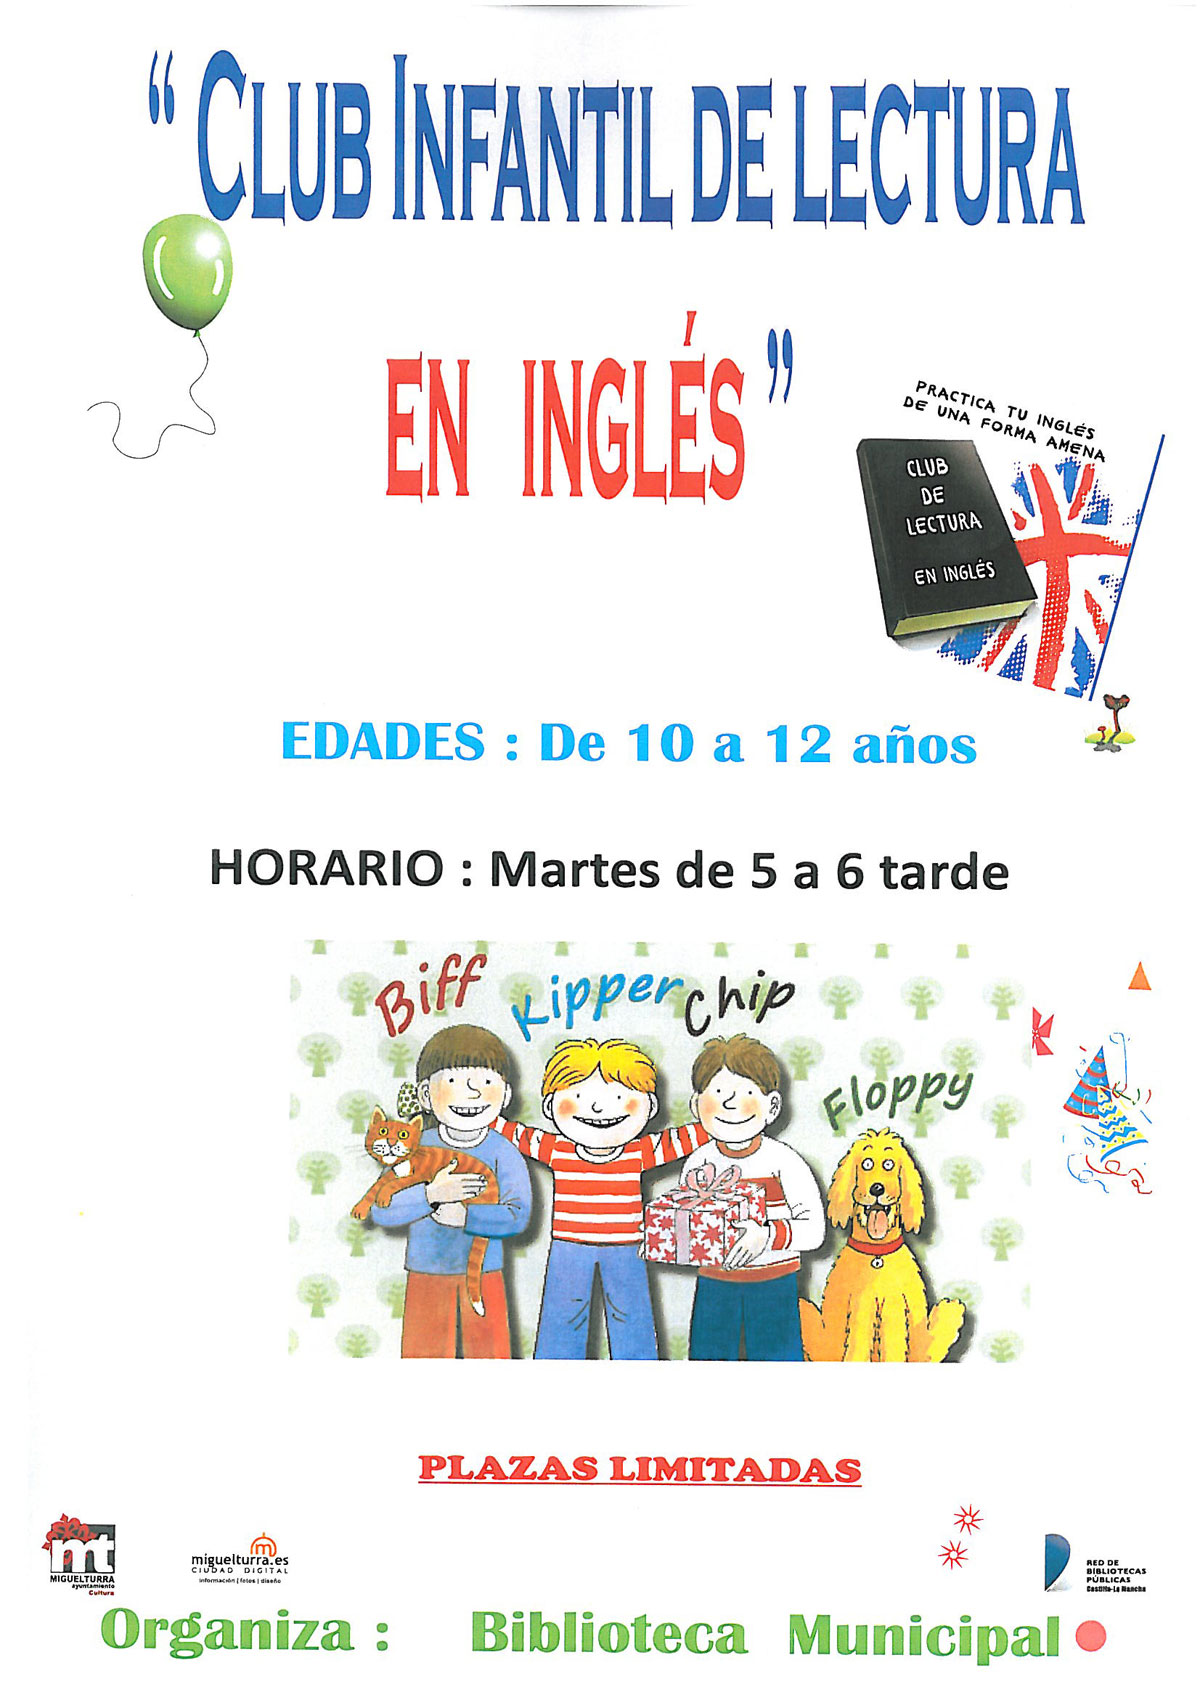 Club infantil de lectura en inglés